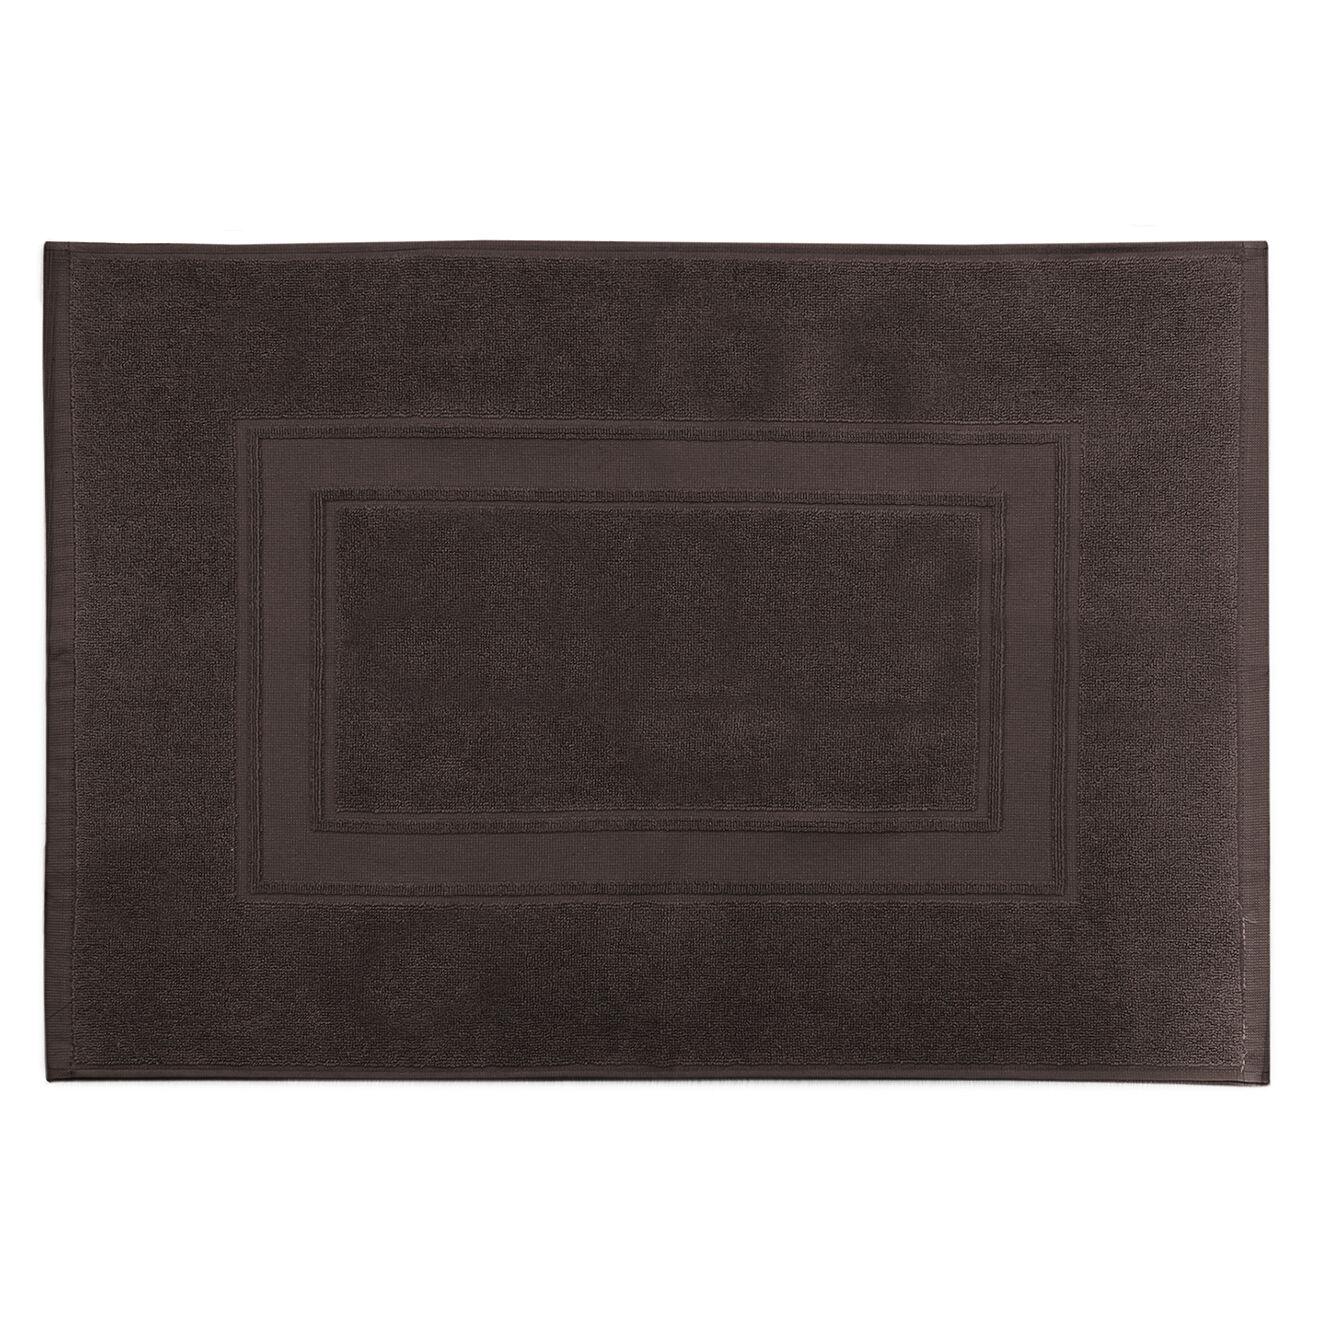 Tapis de bain Elisa chocolat - 50x70 cm